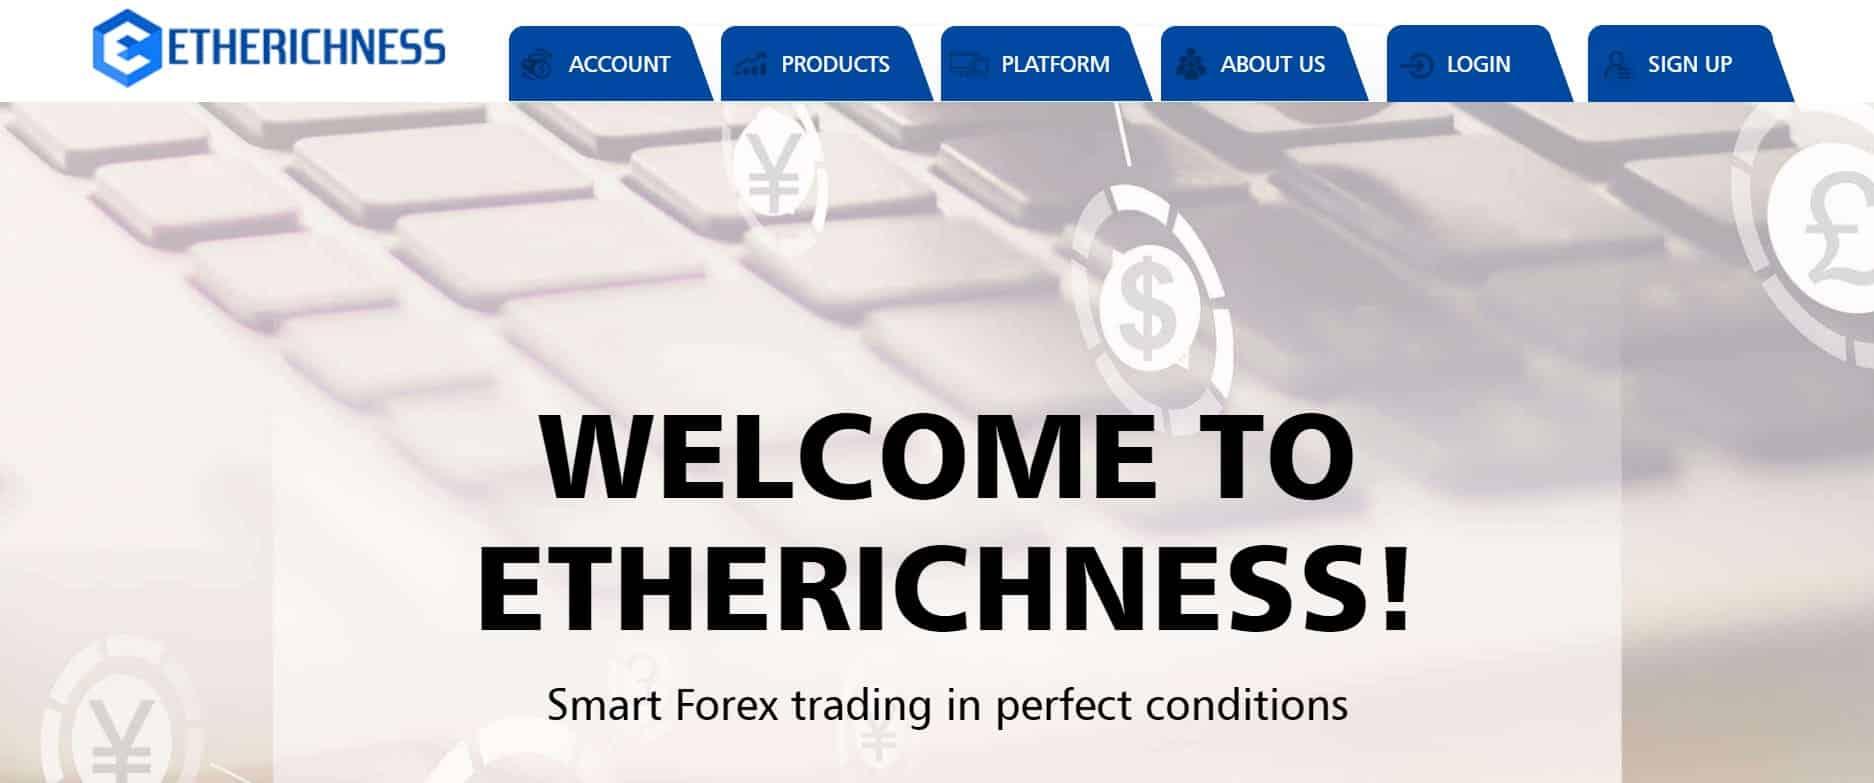 Etherichness website